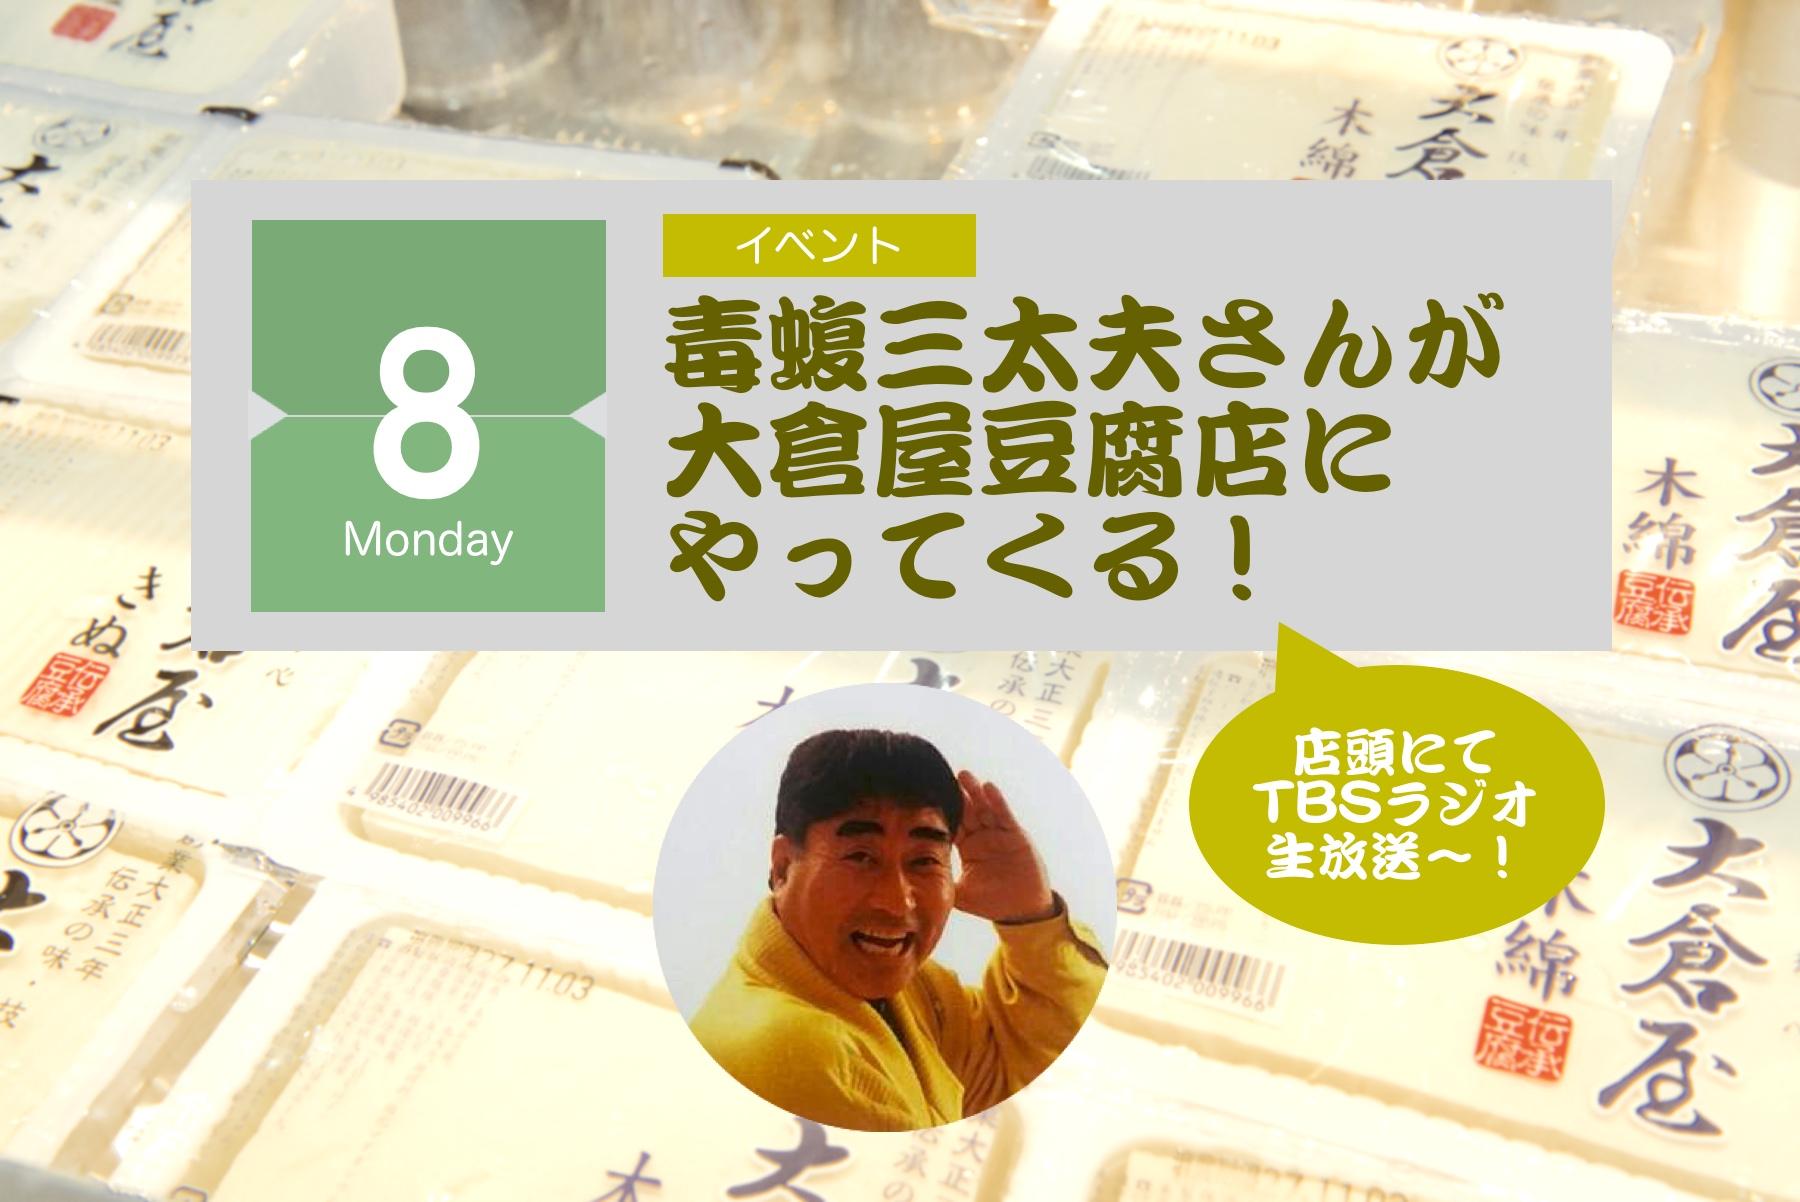 大倉屋豆腐店 - ラジオイベント160208